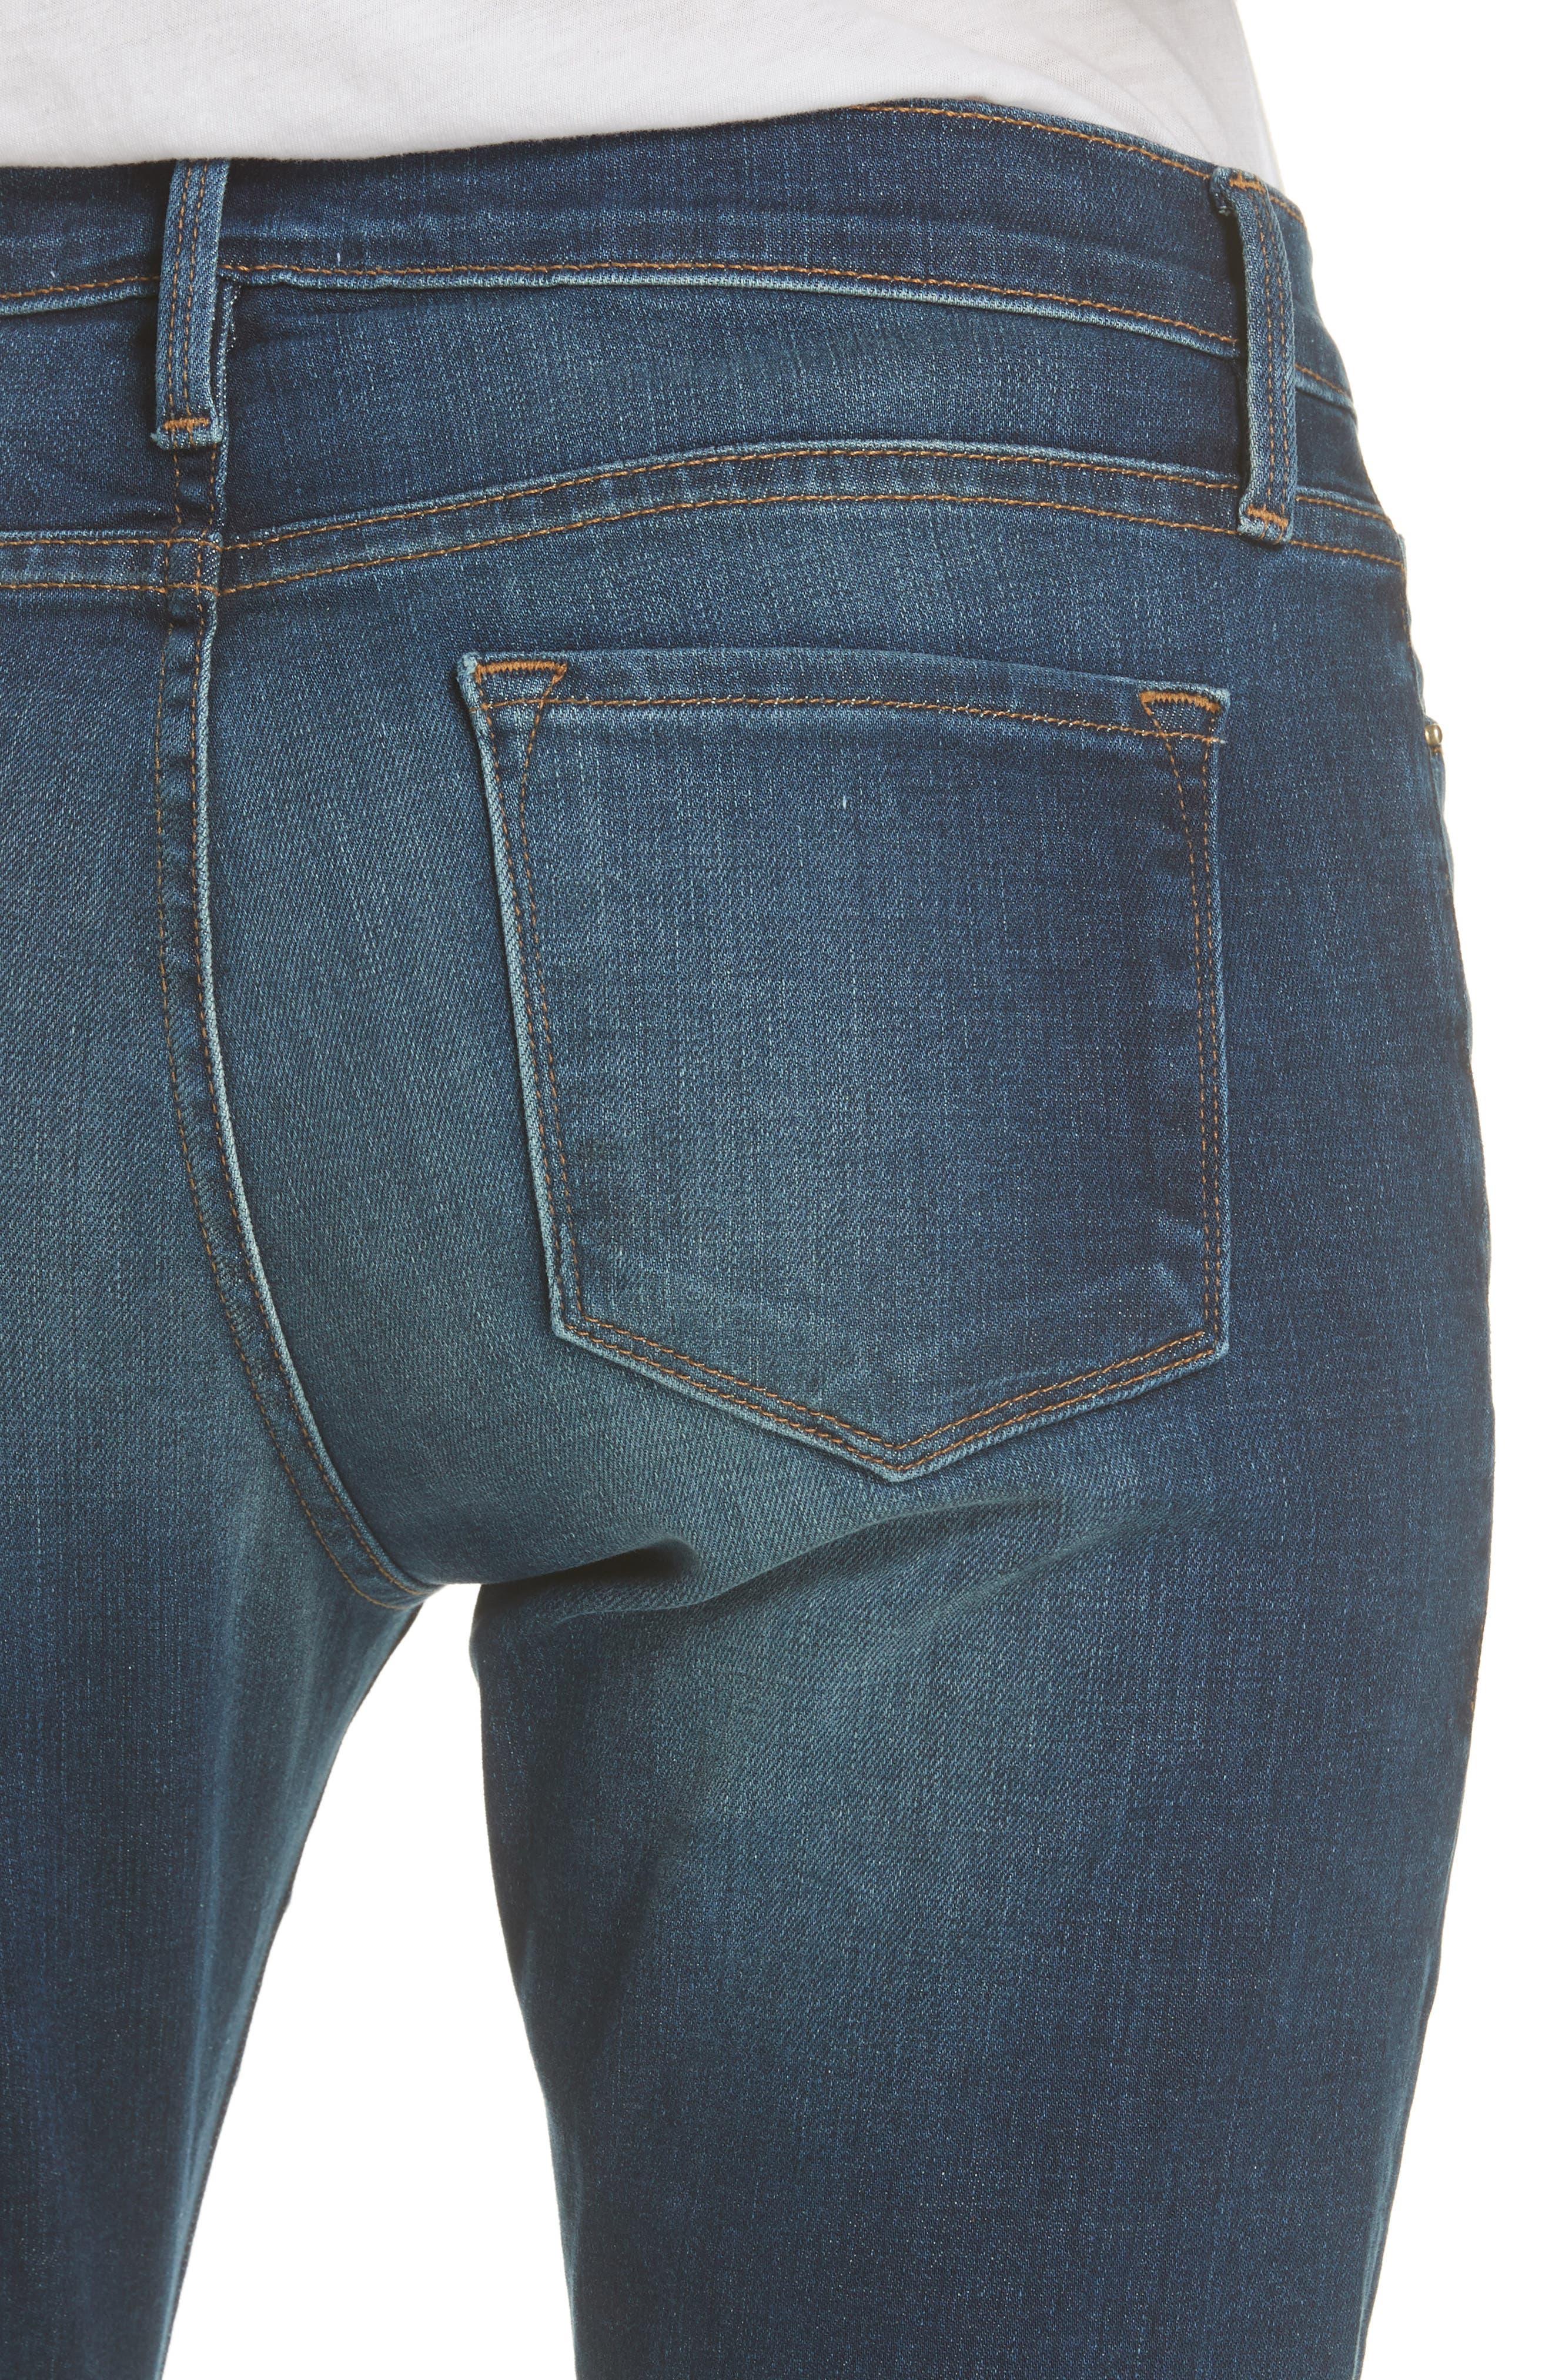 Le Garcon Slim Boyfriend Jeans,                             Alternate thumbnail 6, color,                             WESTFIELD